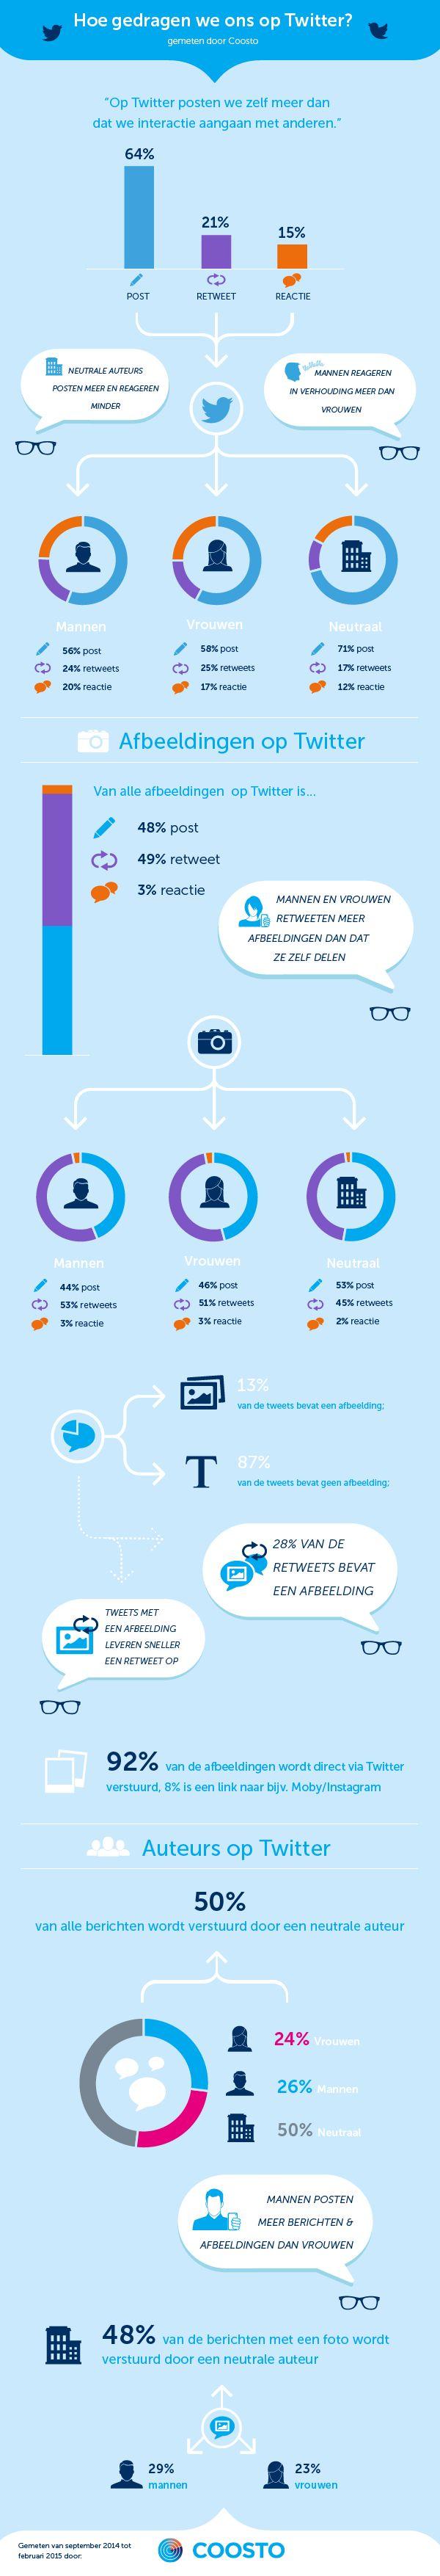 Hoe gedragen we ons op Twitter? | Marketingfacts